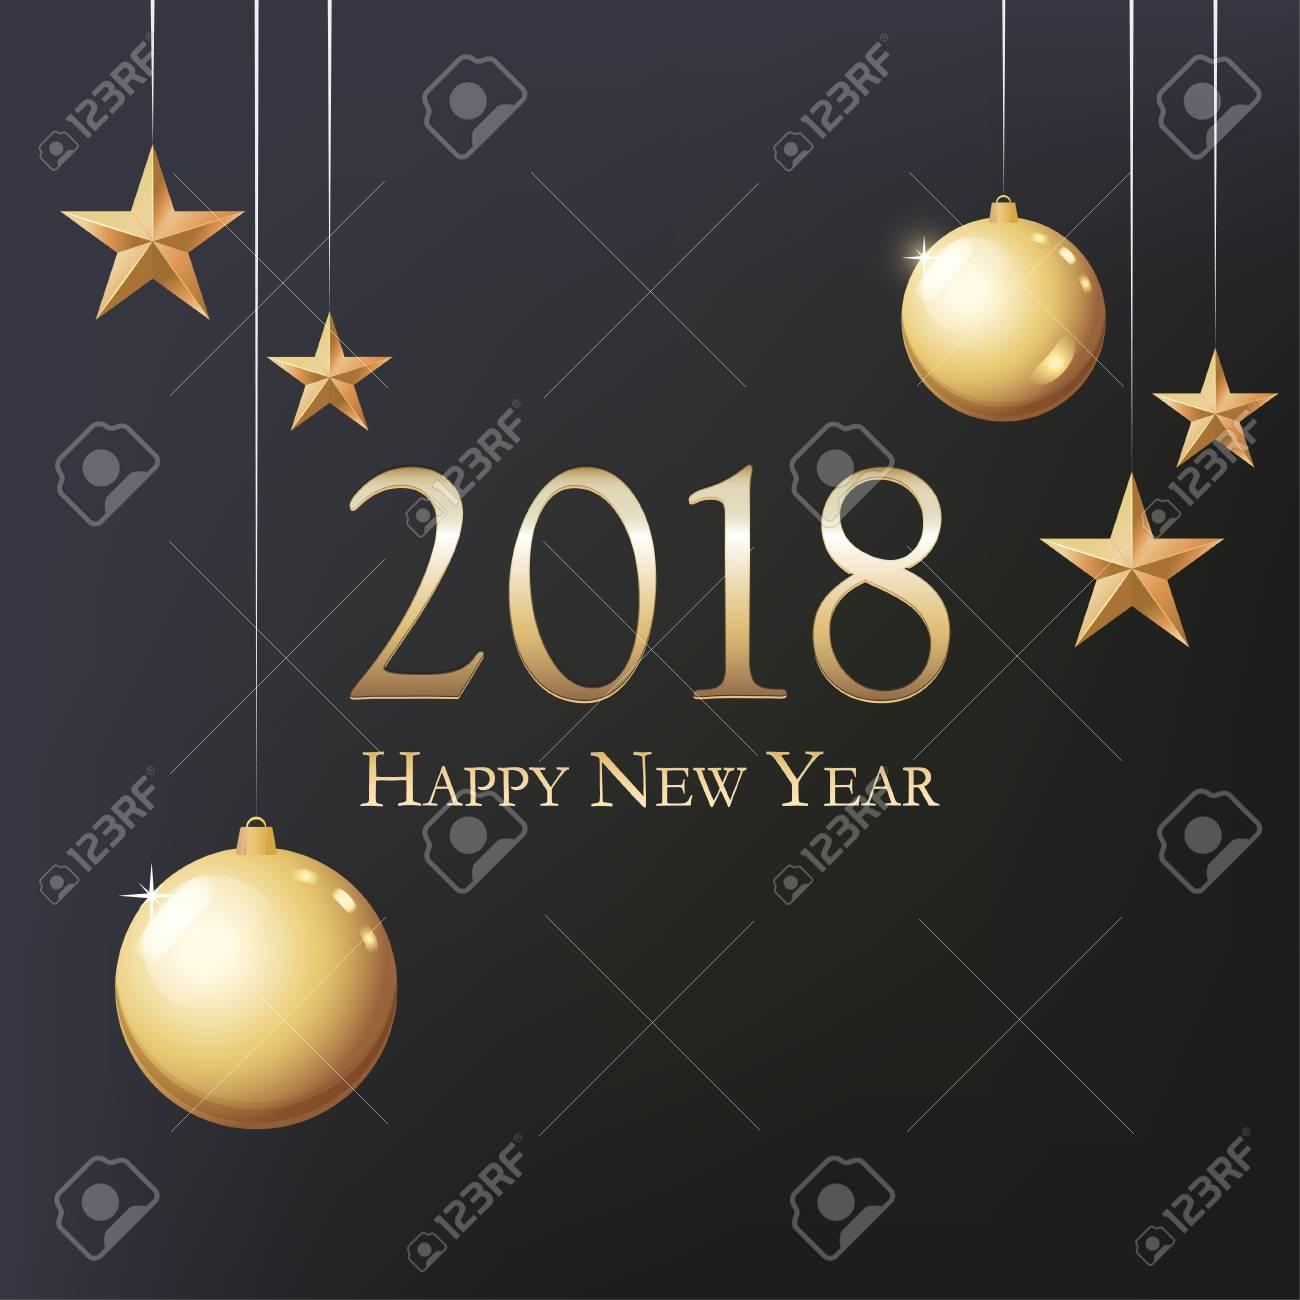 Neujahrskarte Mit Begrüßung - Frohes Neues Jahr. Illustration Mit ...